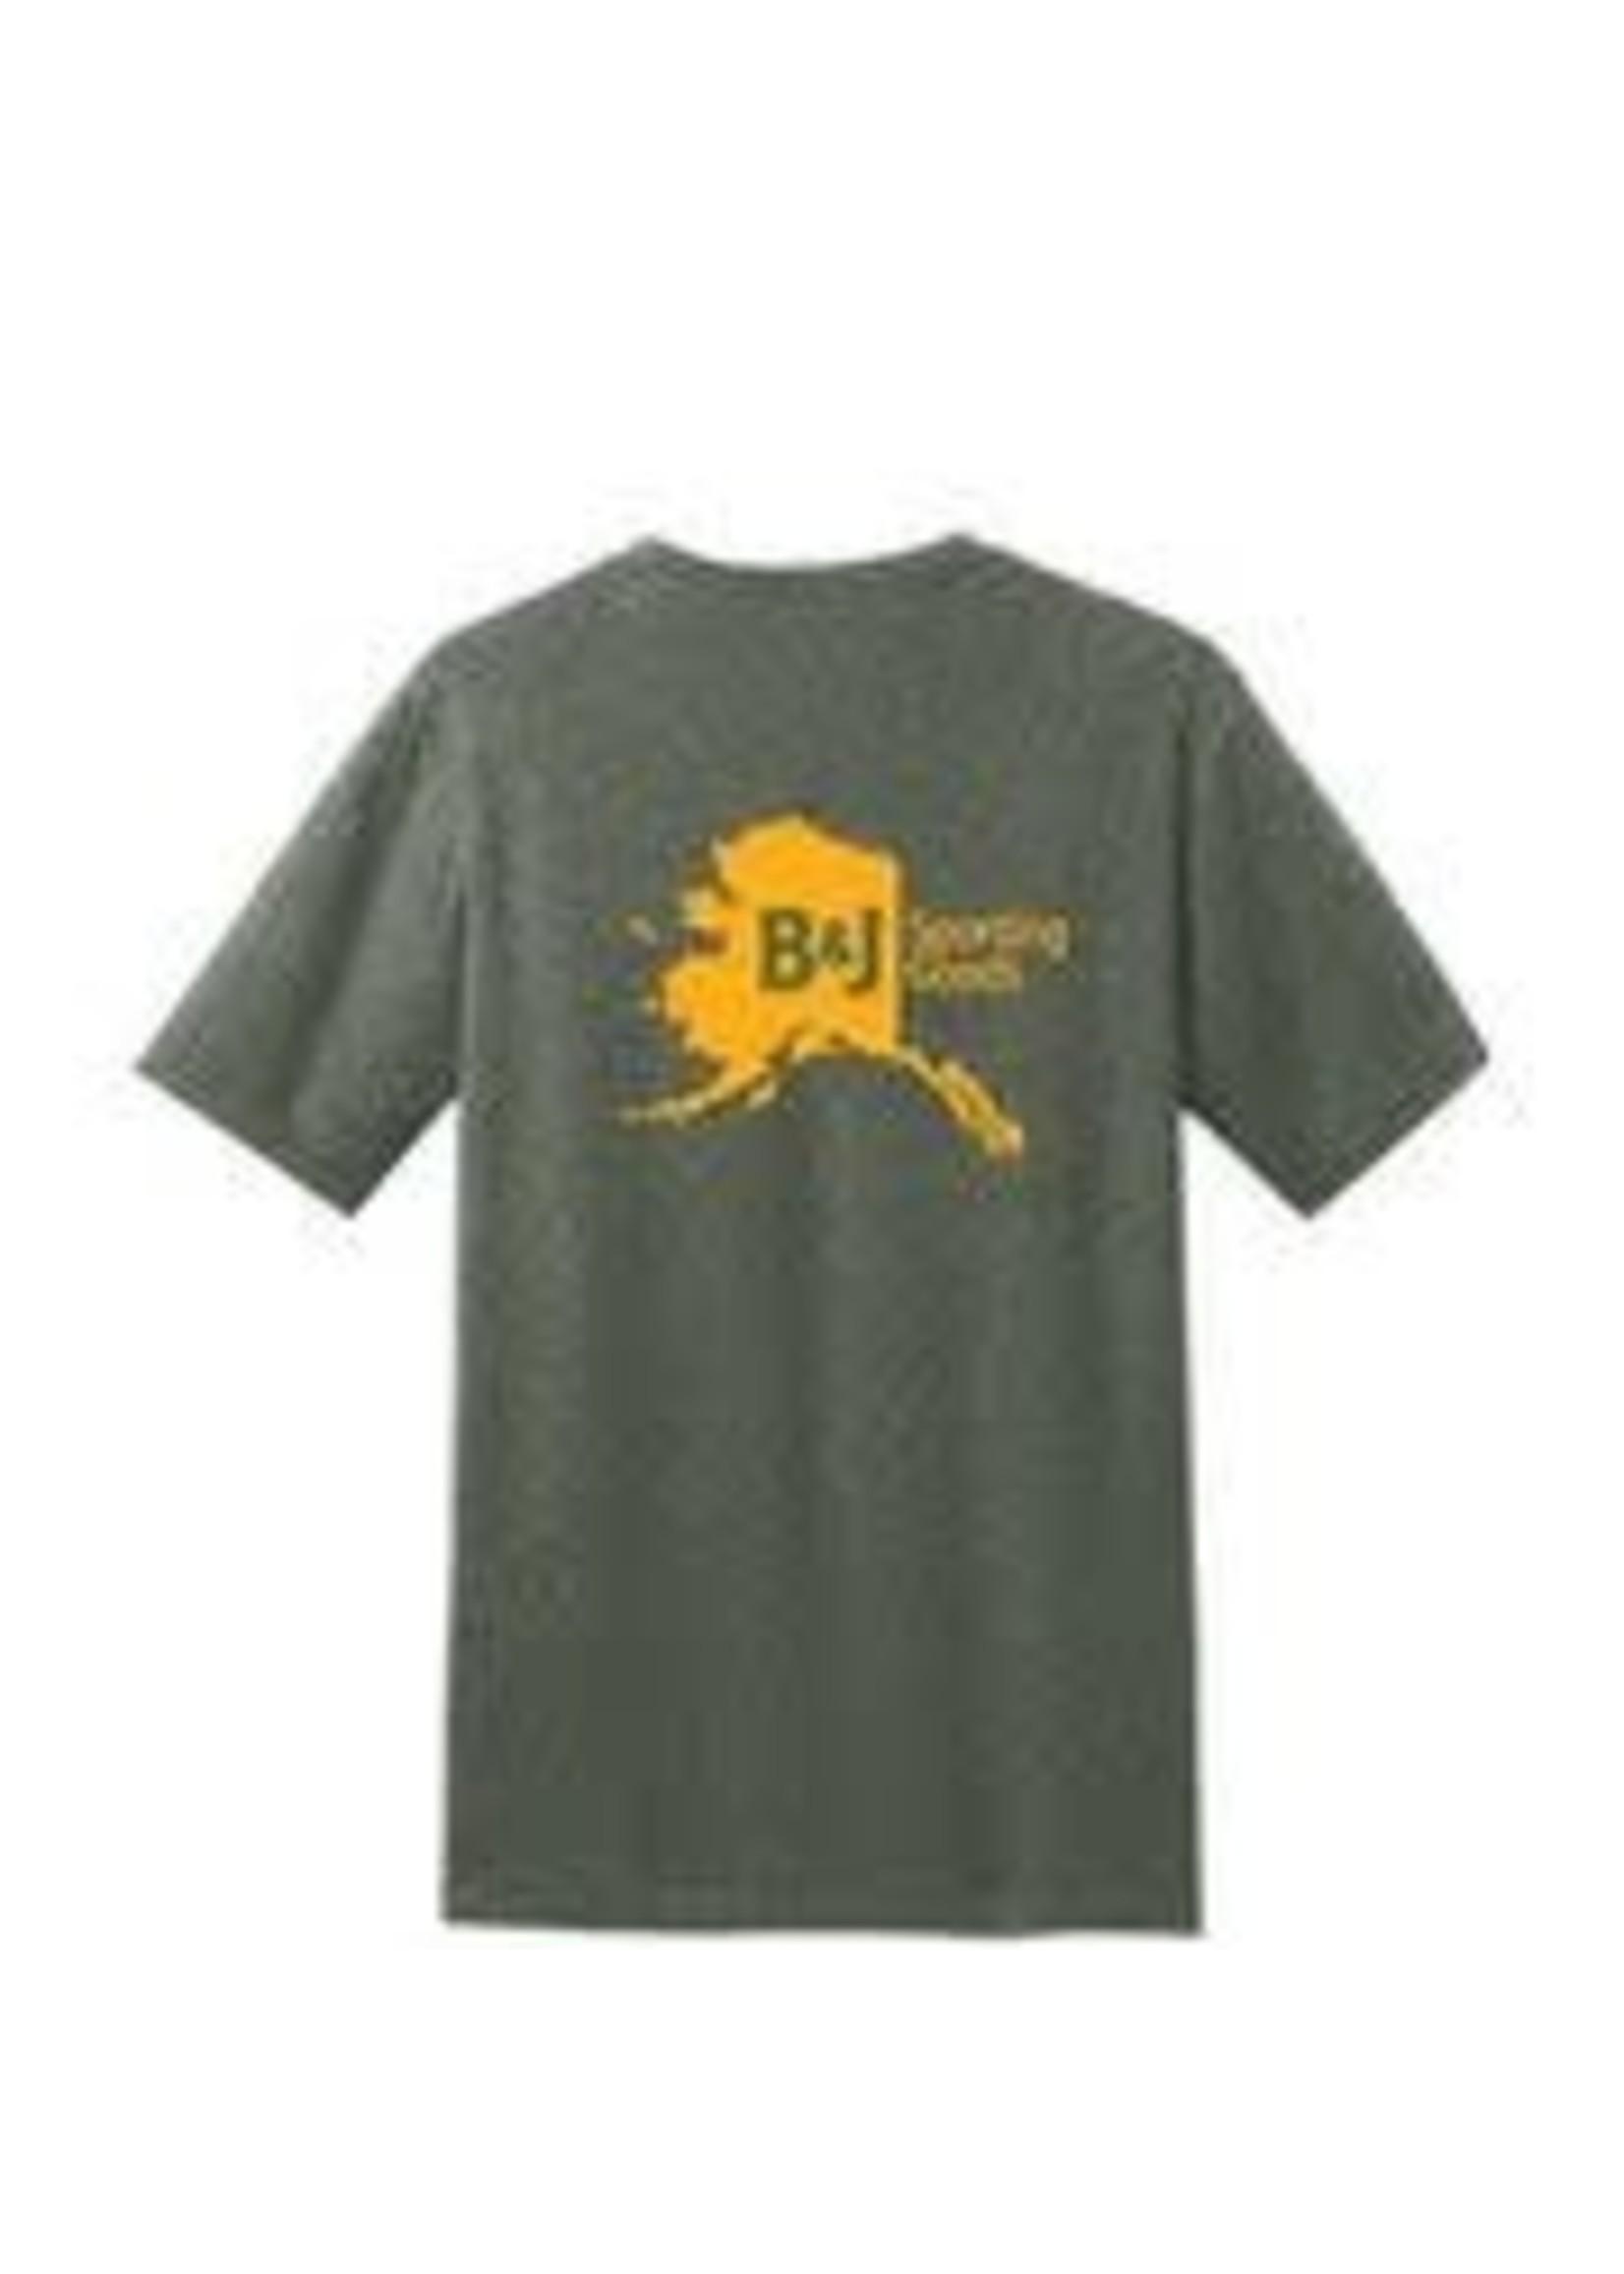 B&J Sporting Goods B&J Shirt SS Grn